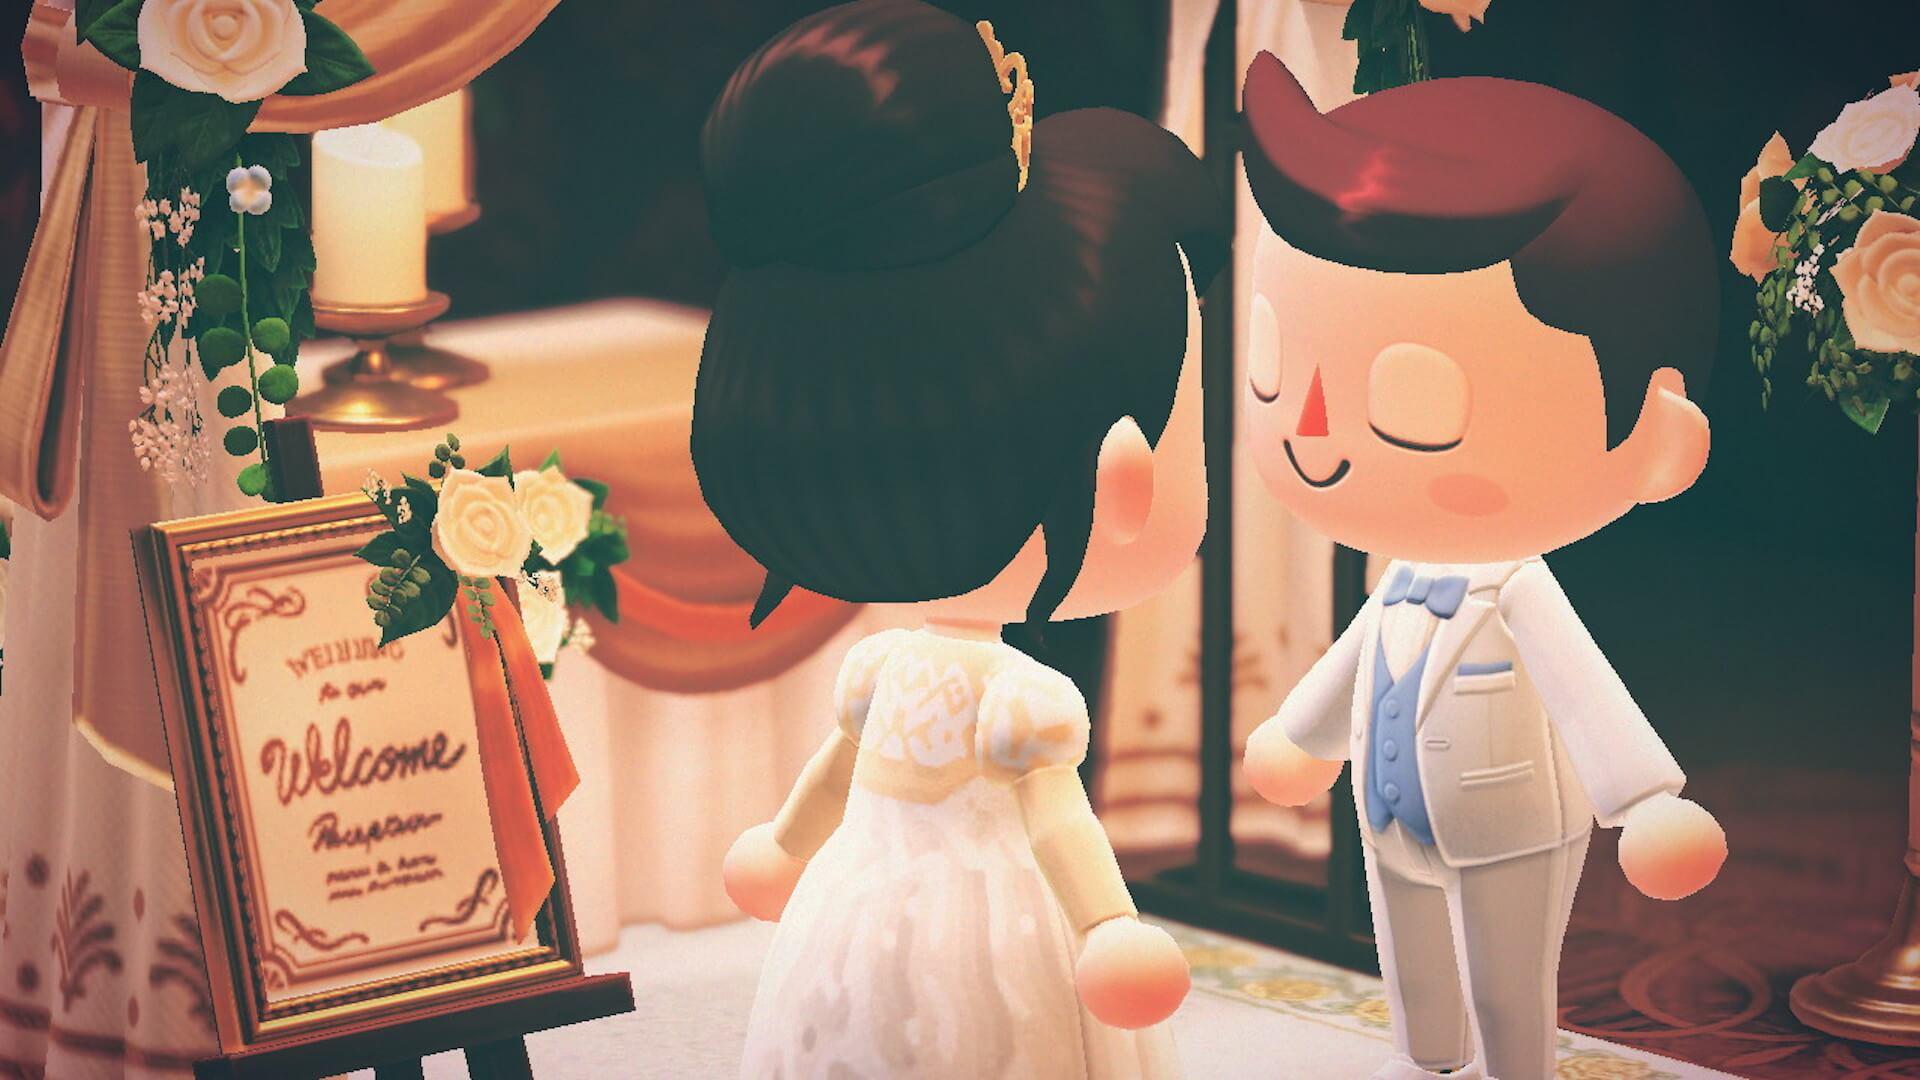 あつ森でYumi Katsuraのウエディングドレスを着て結婚式を挙げよう!?『あつまれ どうぶつの森』マイデザインが公式Instgramで配布開始 tech200608_animalcrossing_3